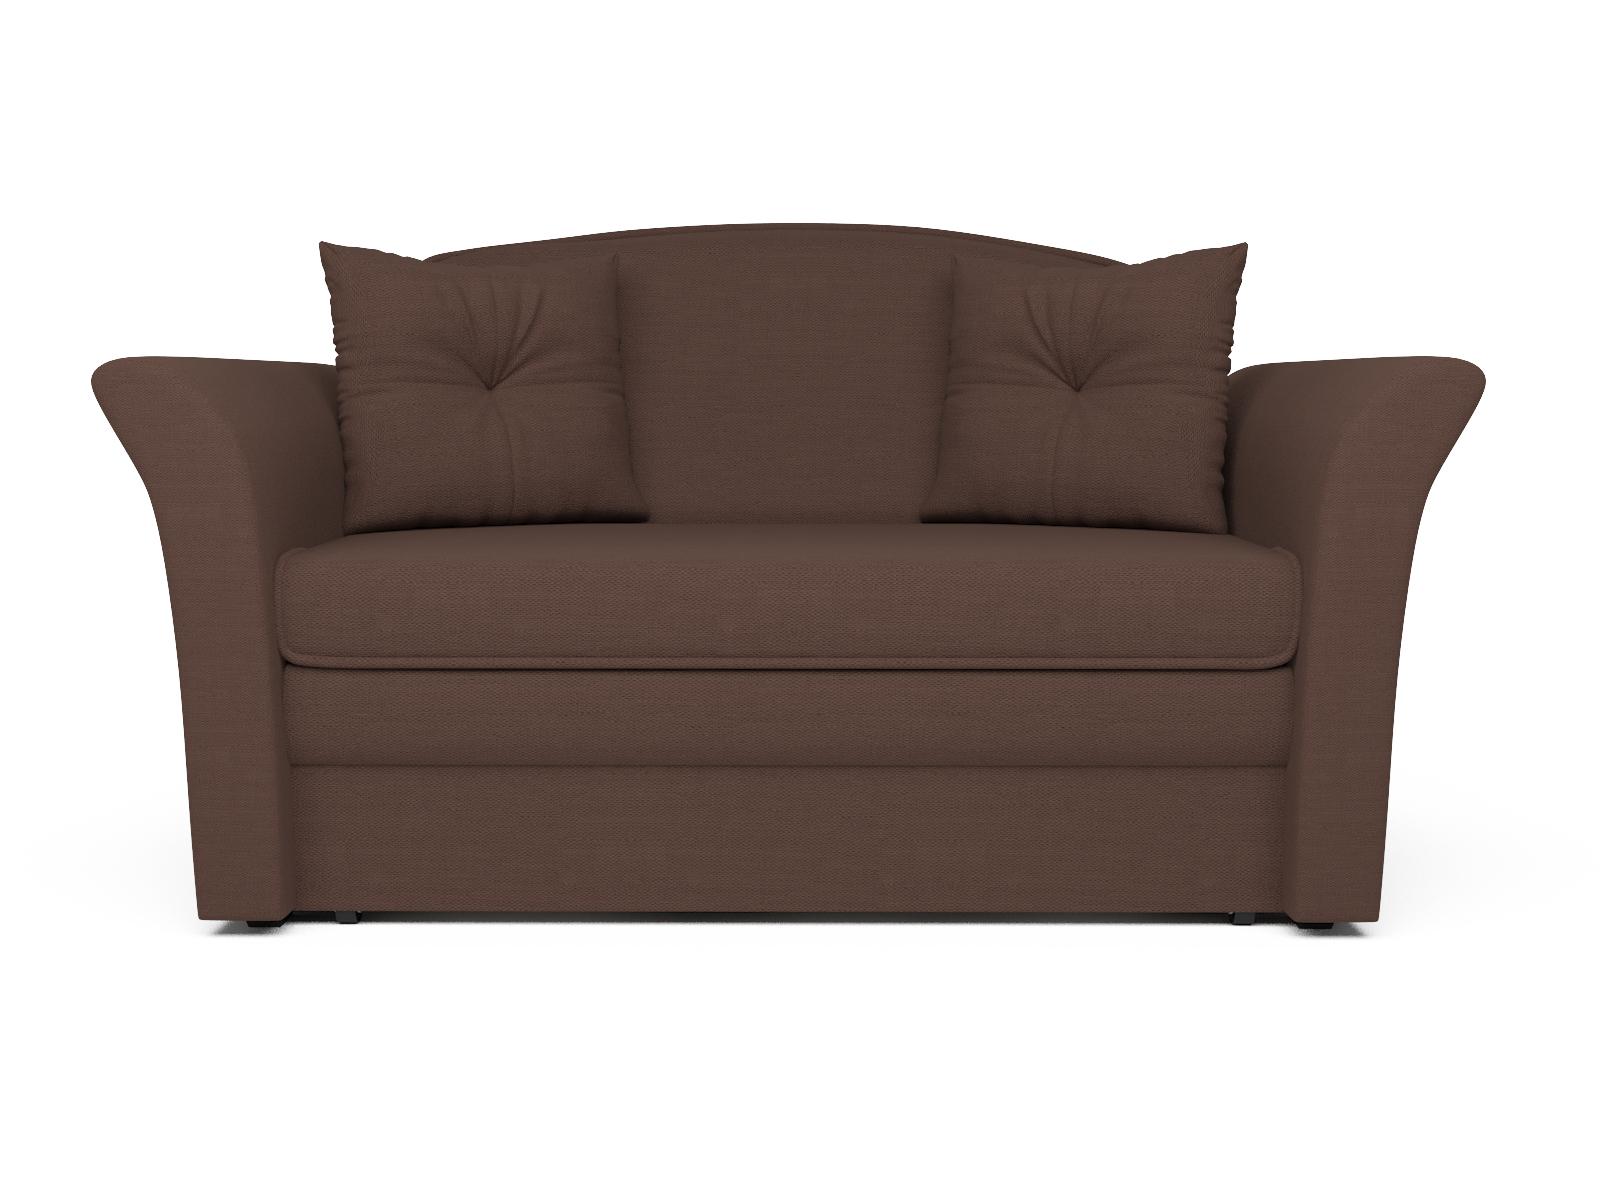 Фото - Диван Малютка 2 MebelVia , Коричневый, Рогожка, Брус сосны диван малютка 2 mebelvia коричневый рогожка брус сосны